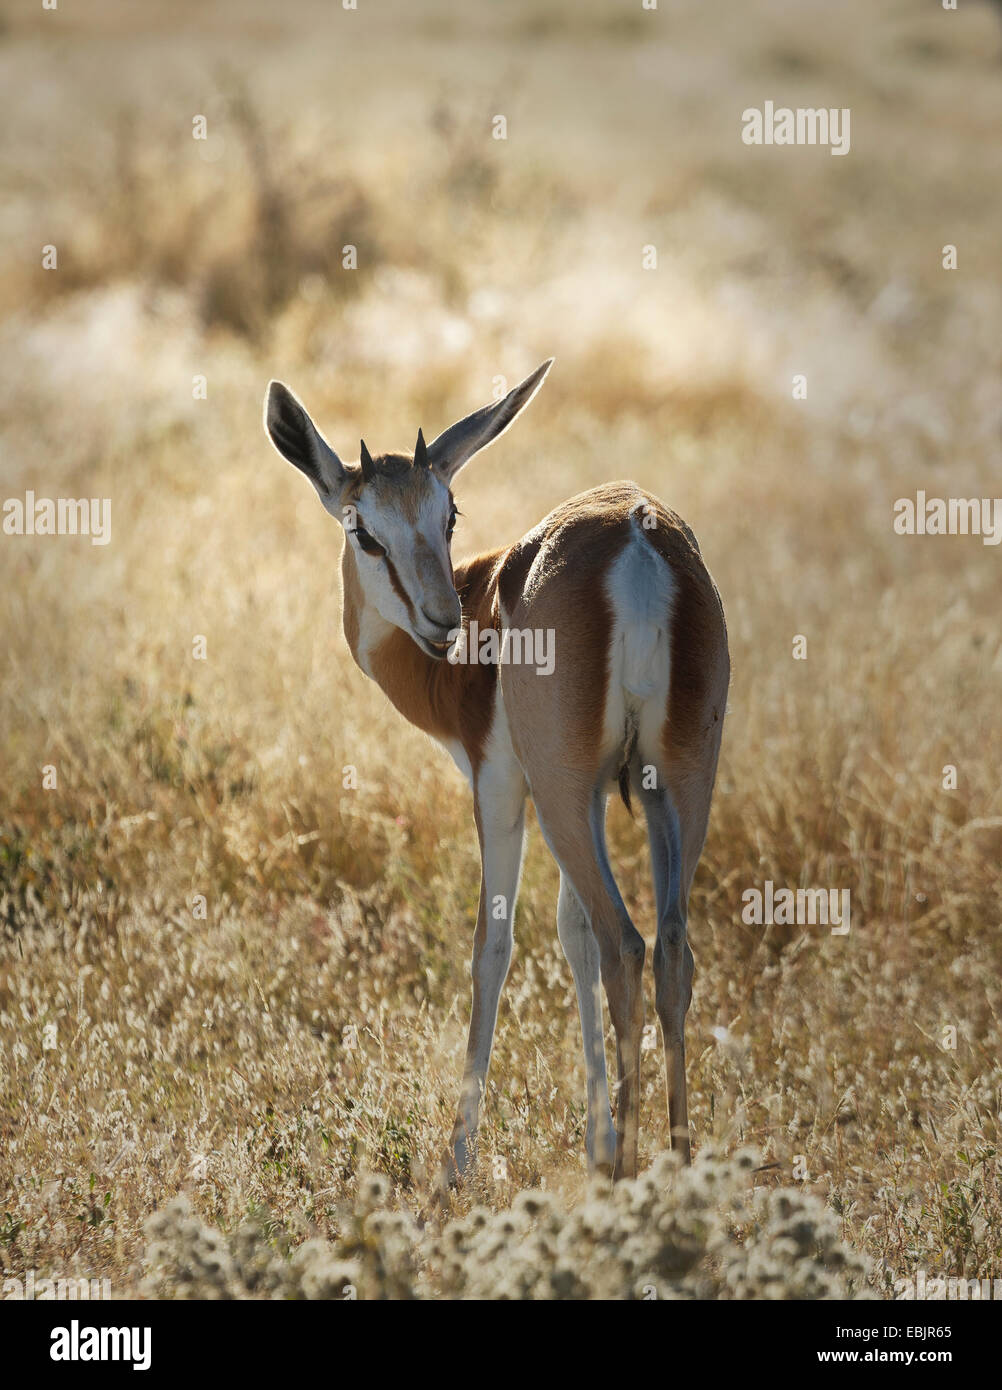 Gazelle on plains, Etosha National Park, Namibia - Stock Image